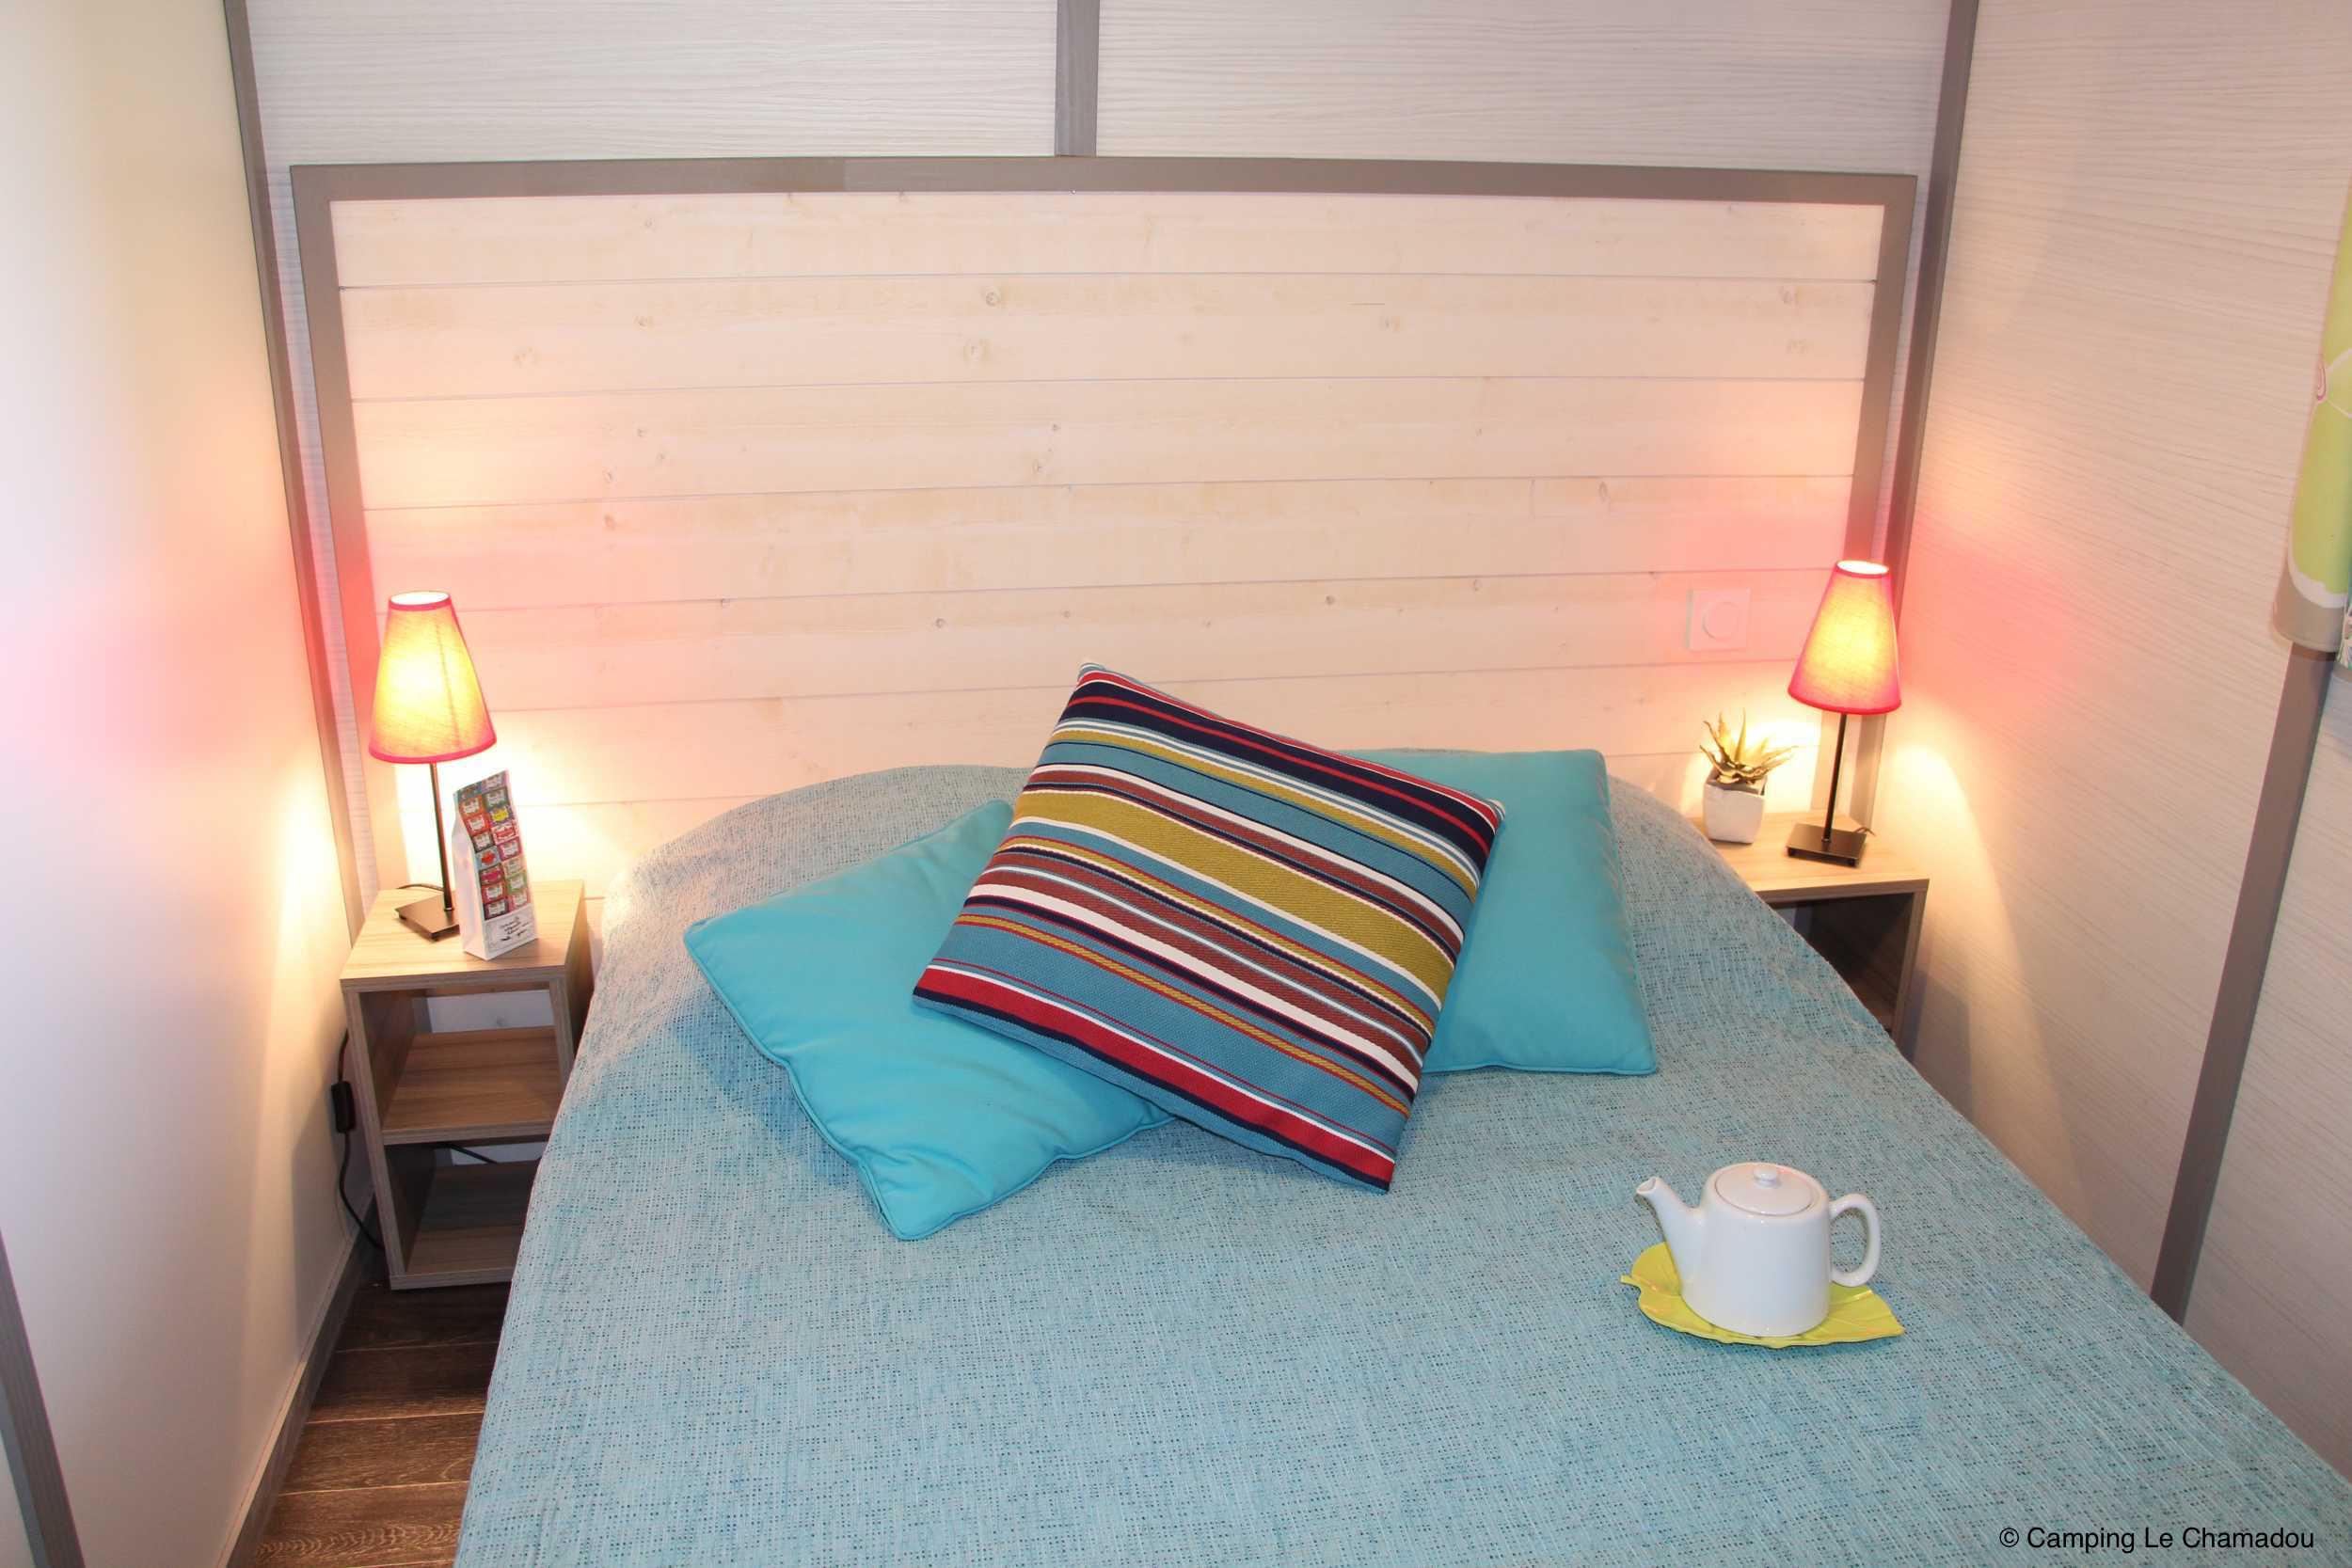 CampingLeChamadou-sudardeche-4etoiles-locations-elite6.jpg